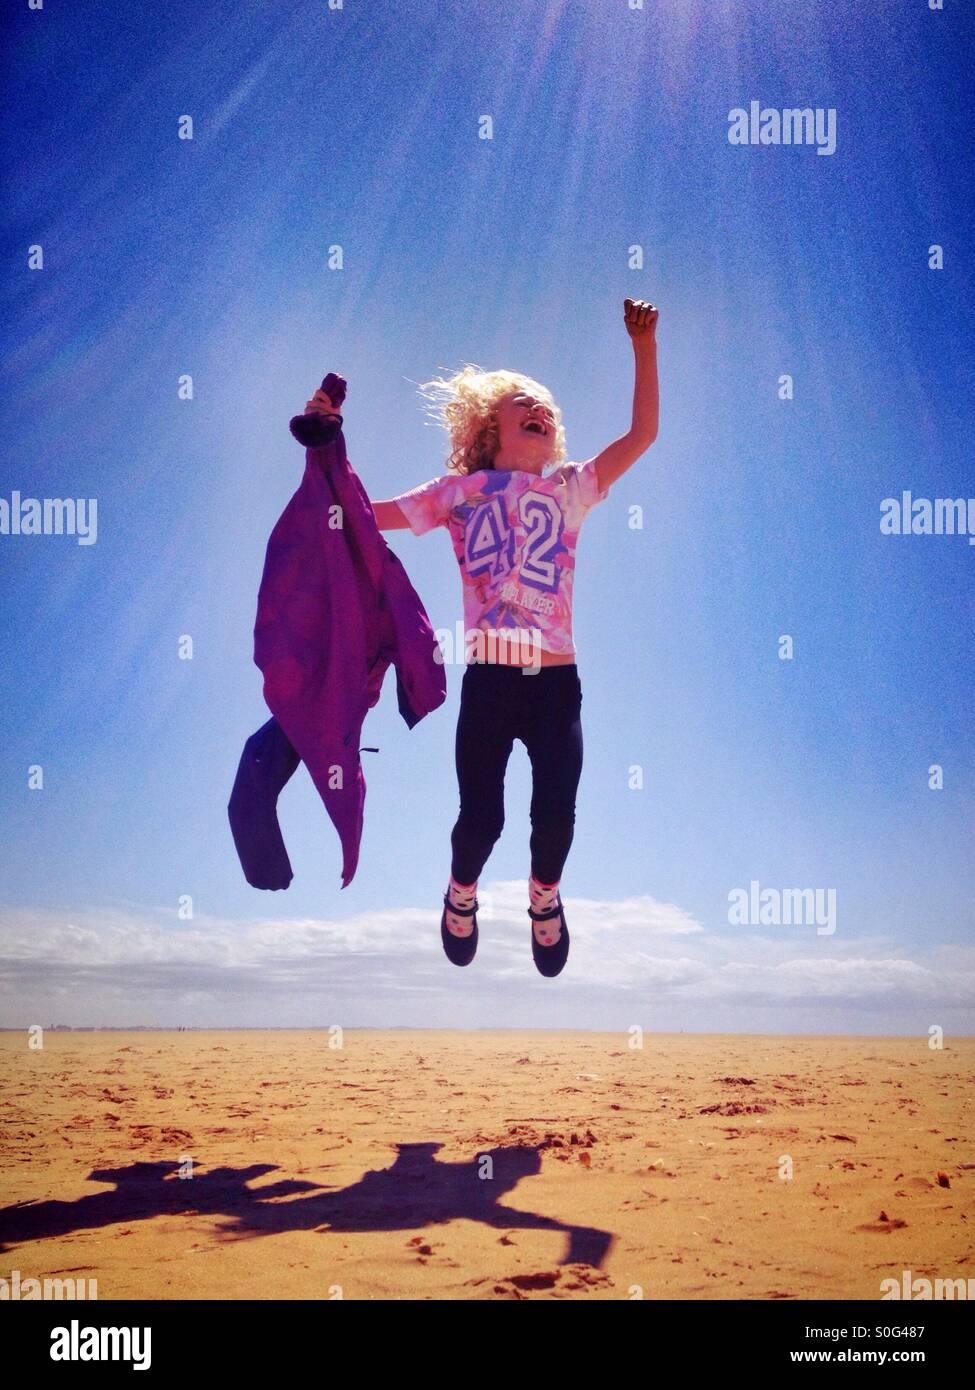 Junges Mädchen springen vor Freude am Strand Stockbild